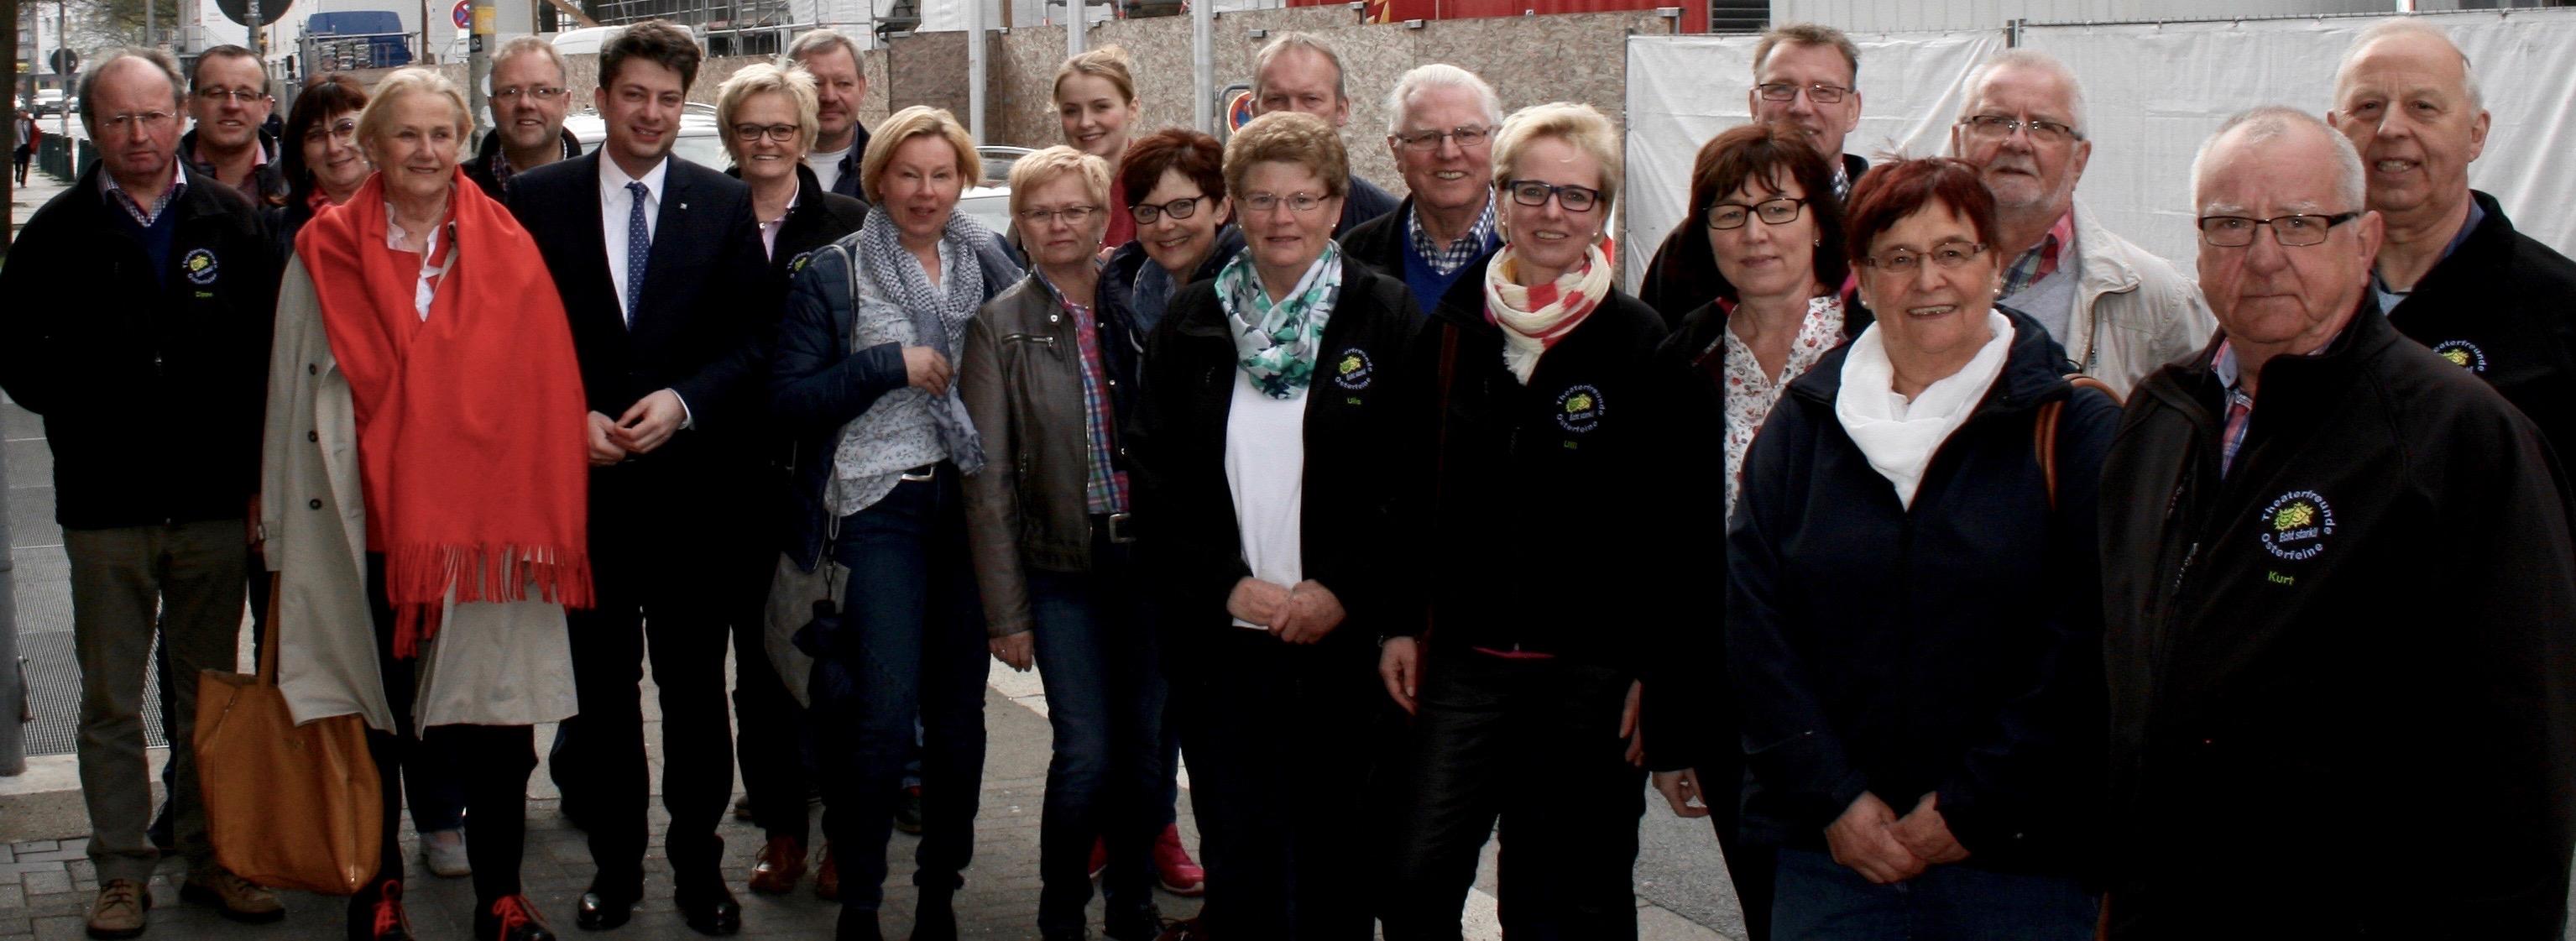 Die Theaterfreunde Osterfeine zu Besuch im Landtag. Foto: Büro Calderone